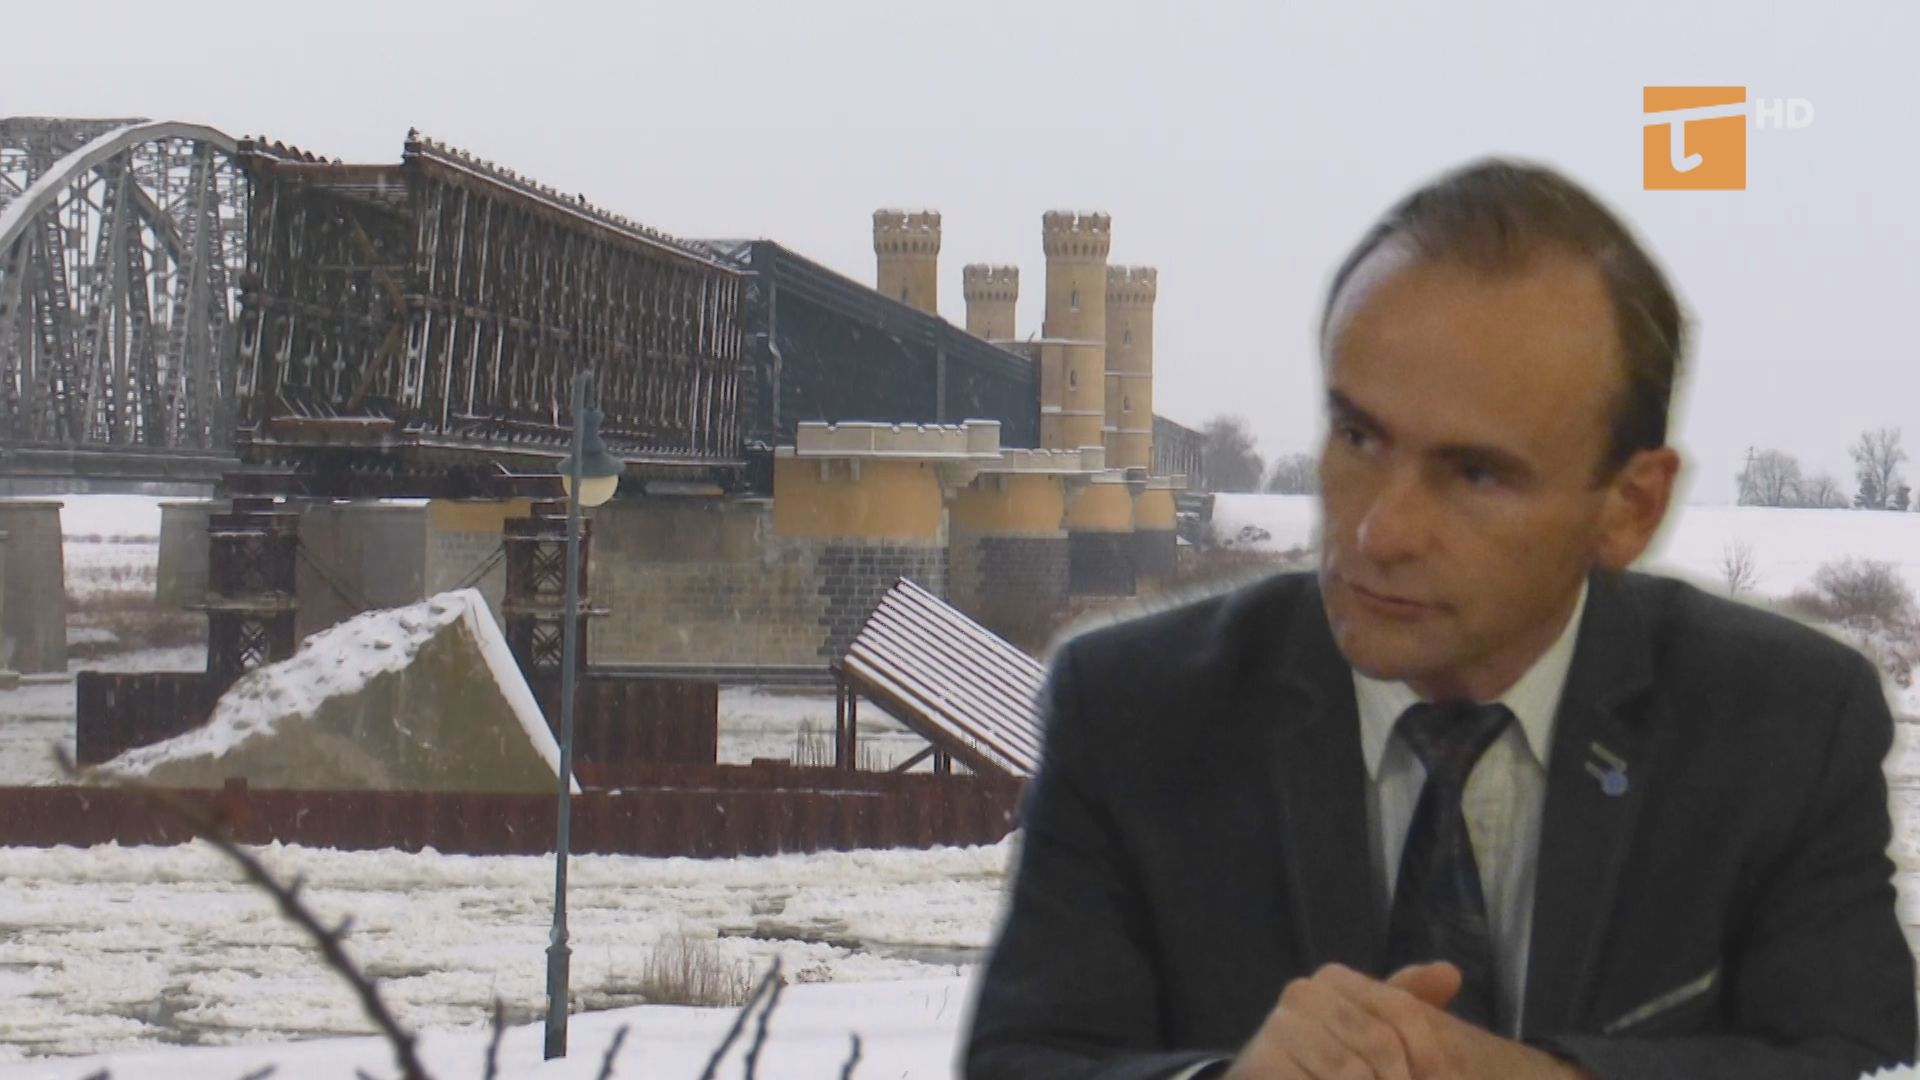 Konserwator nie odpowiada na pytania o most